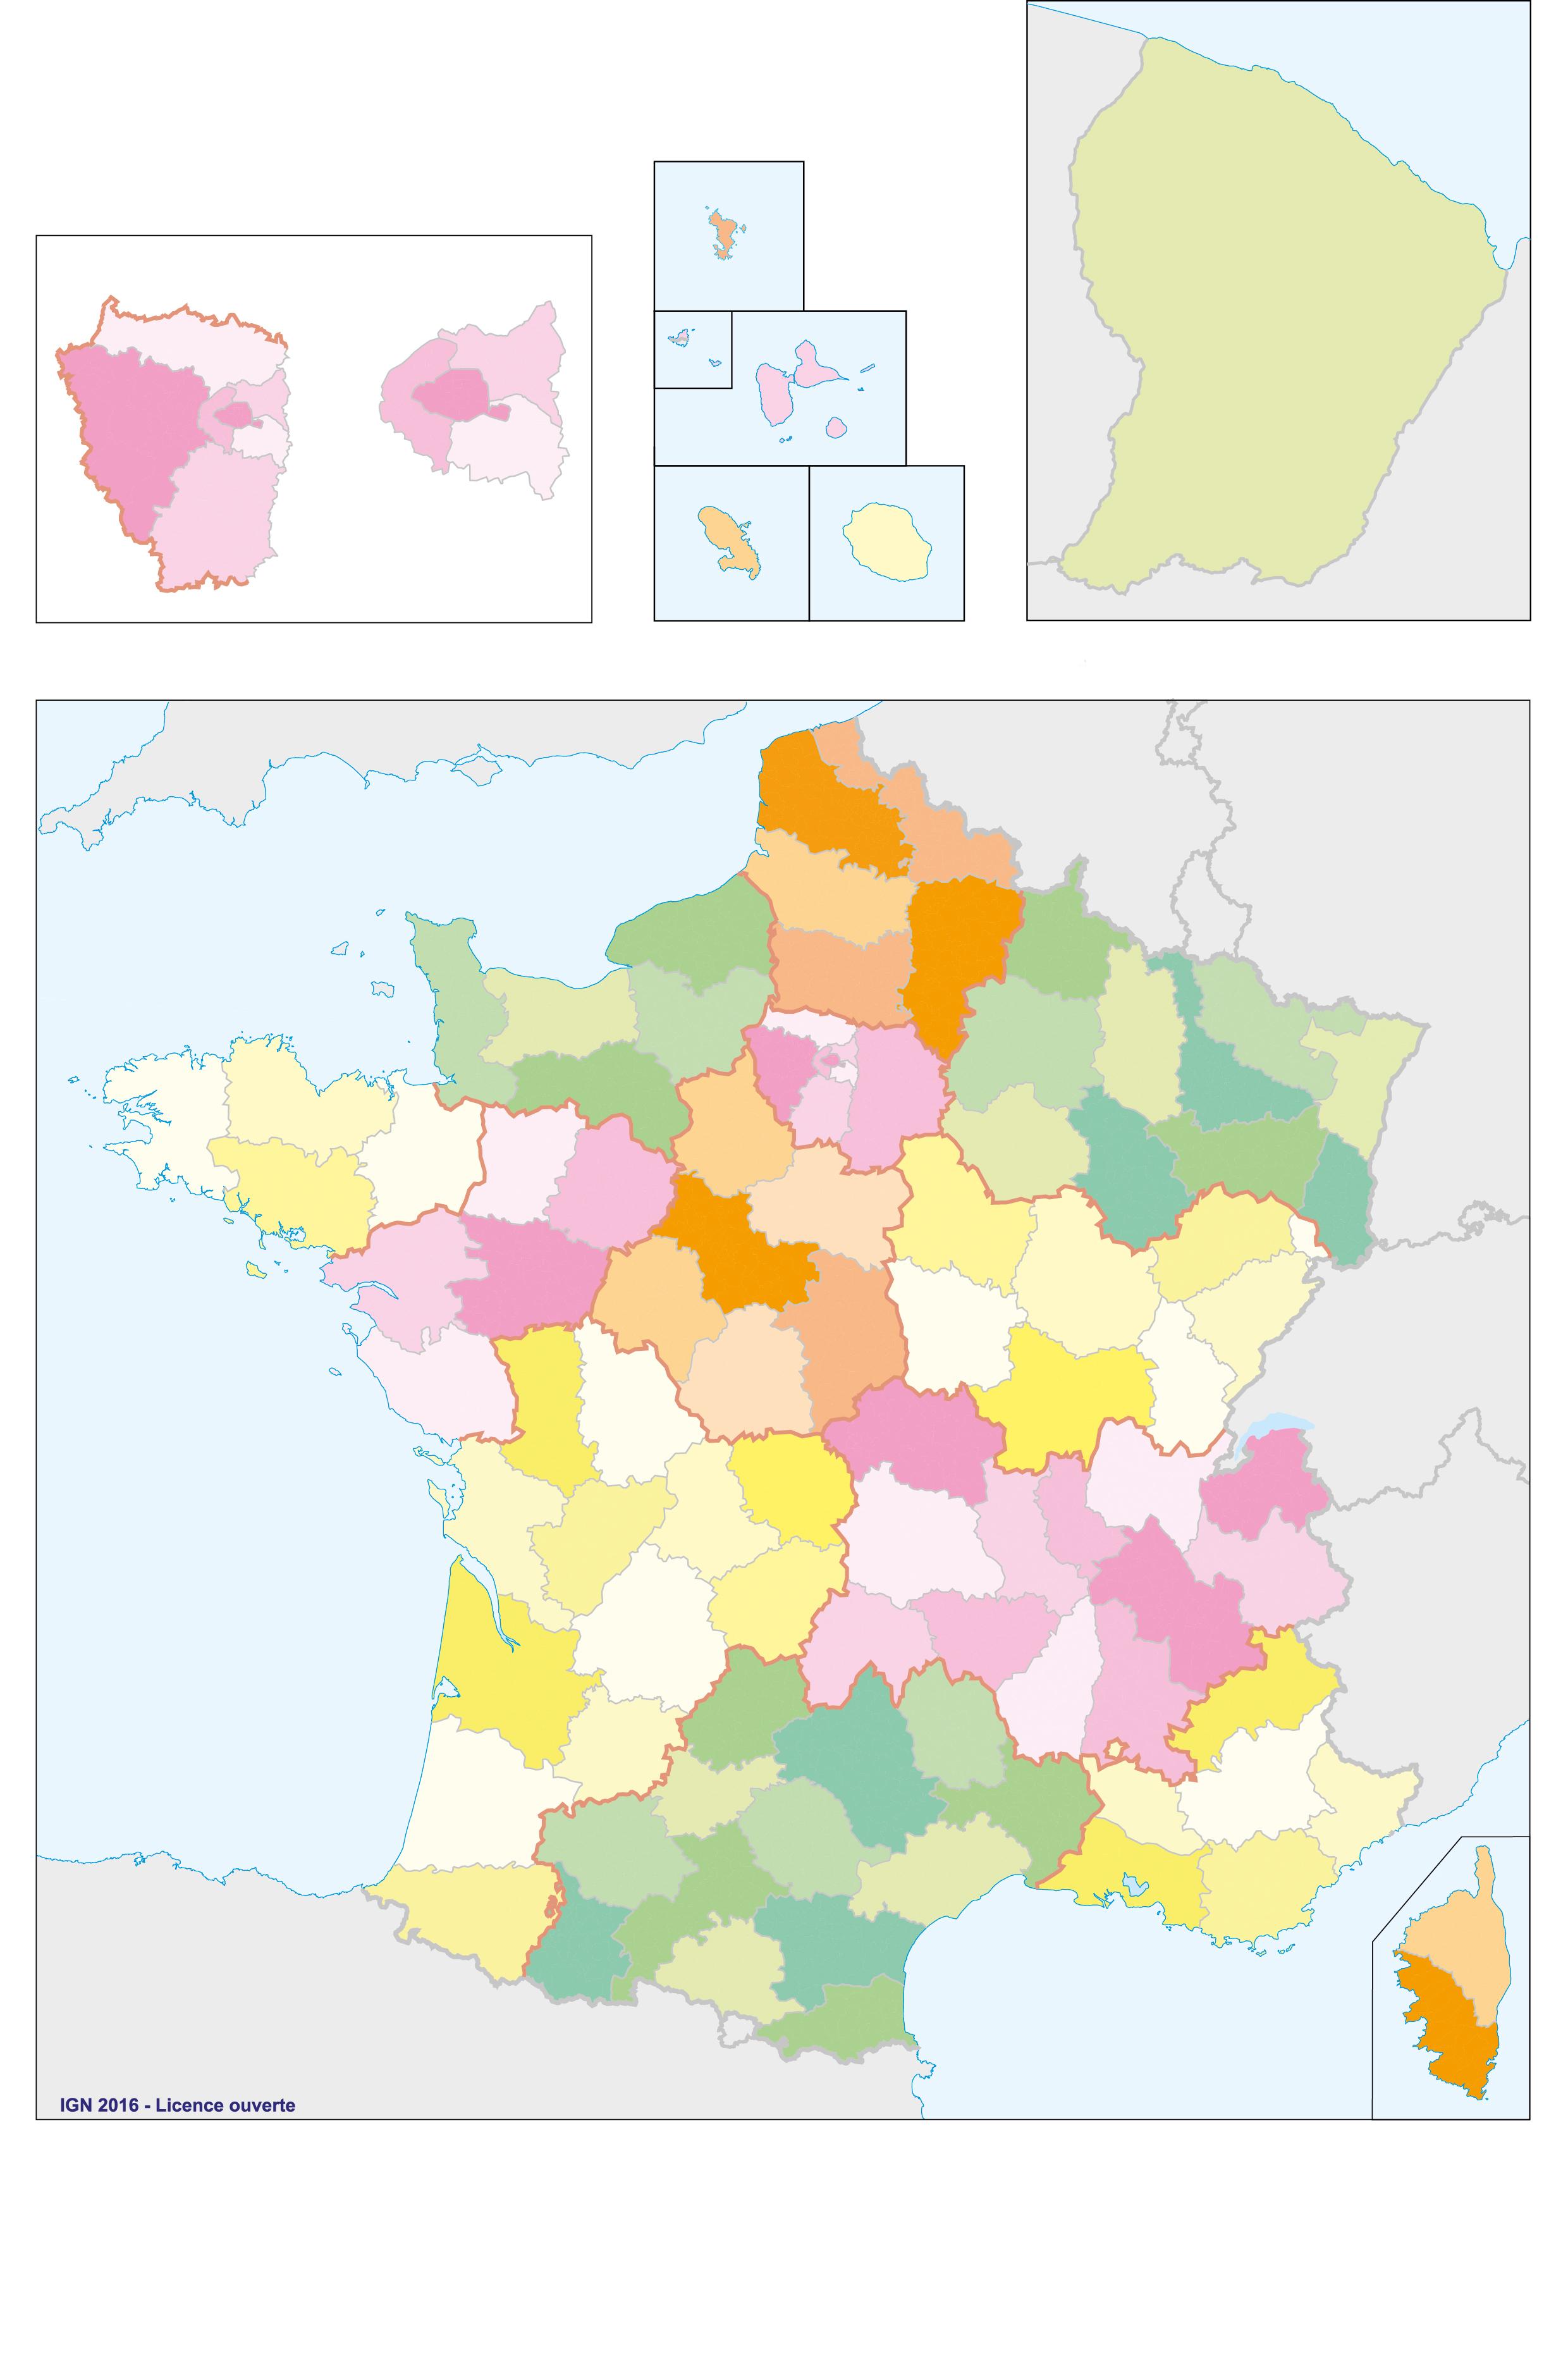 Fonds De Cartes De France, Ign | Webzine+ encequiconcerne Carte Des Régions Vierge